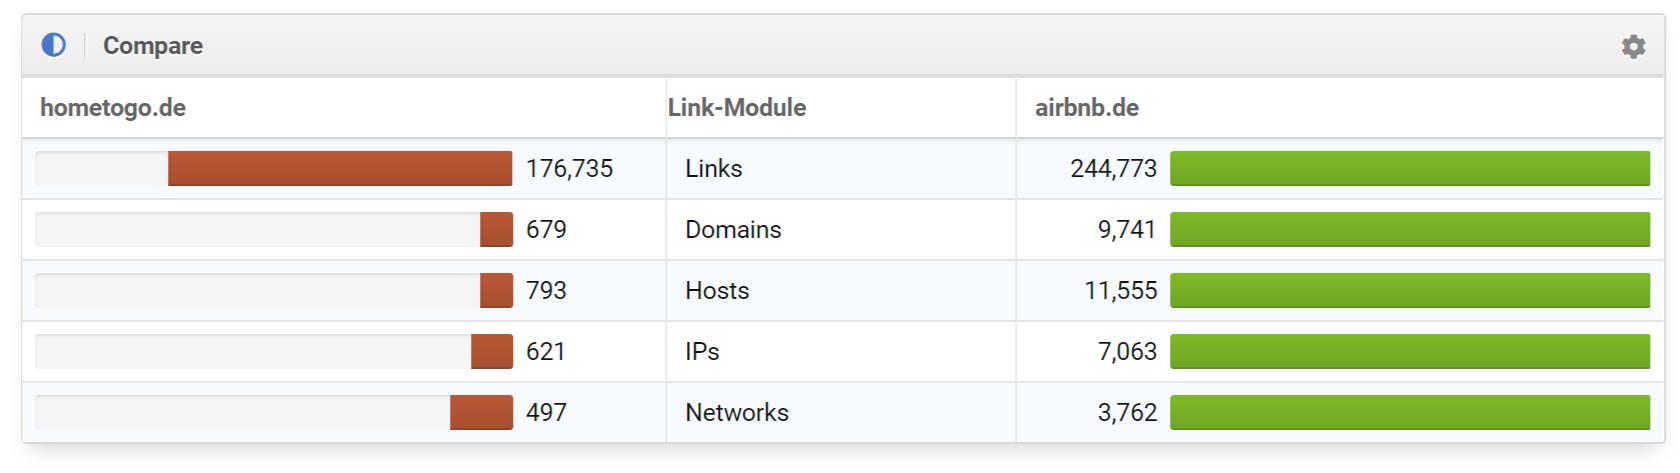 comparaison liens hometogo et airbnb